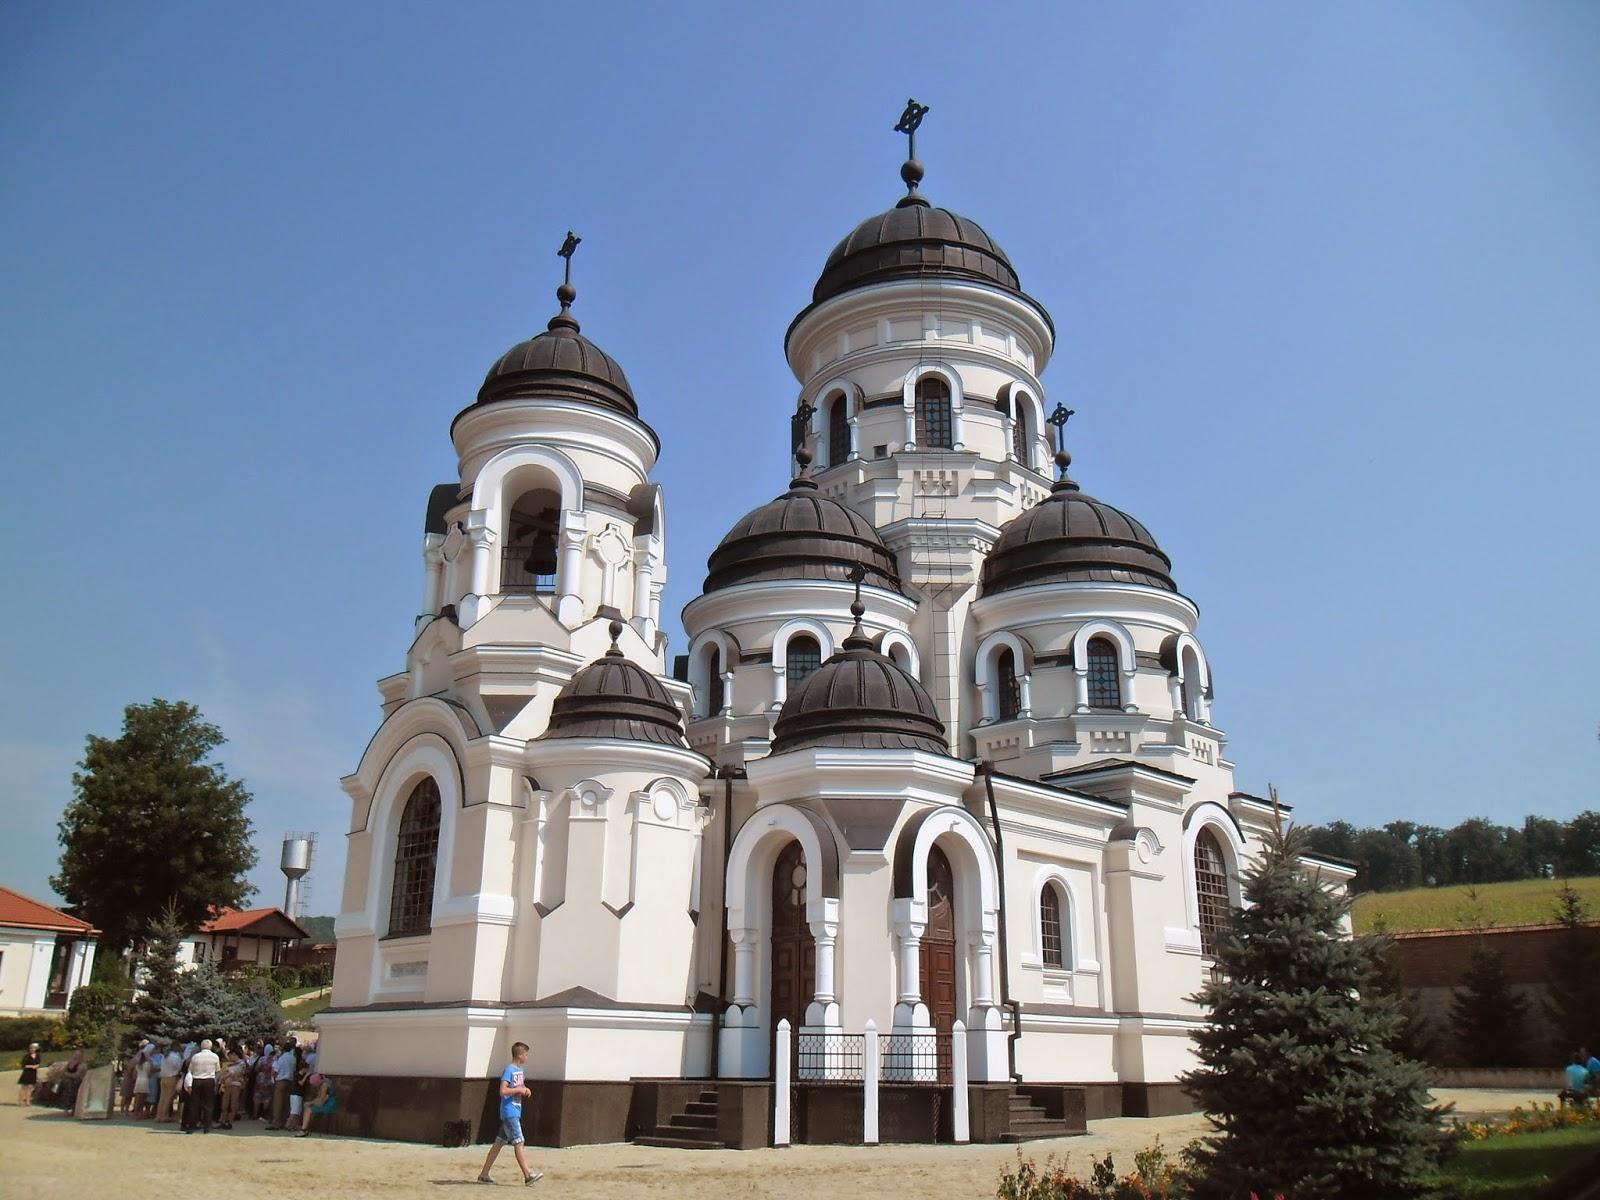 manastiri din moldova, atractii turistice